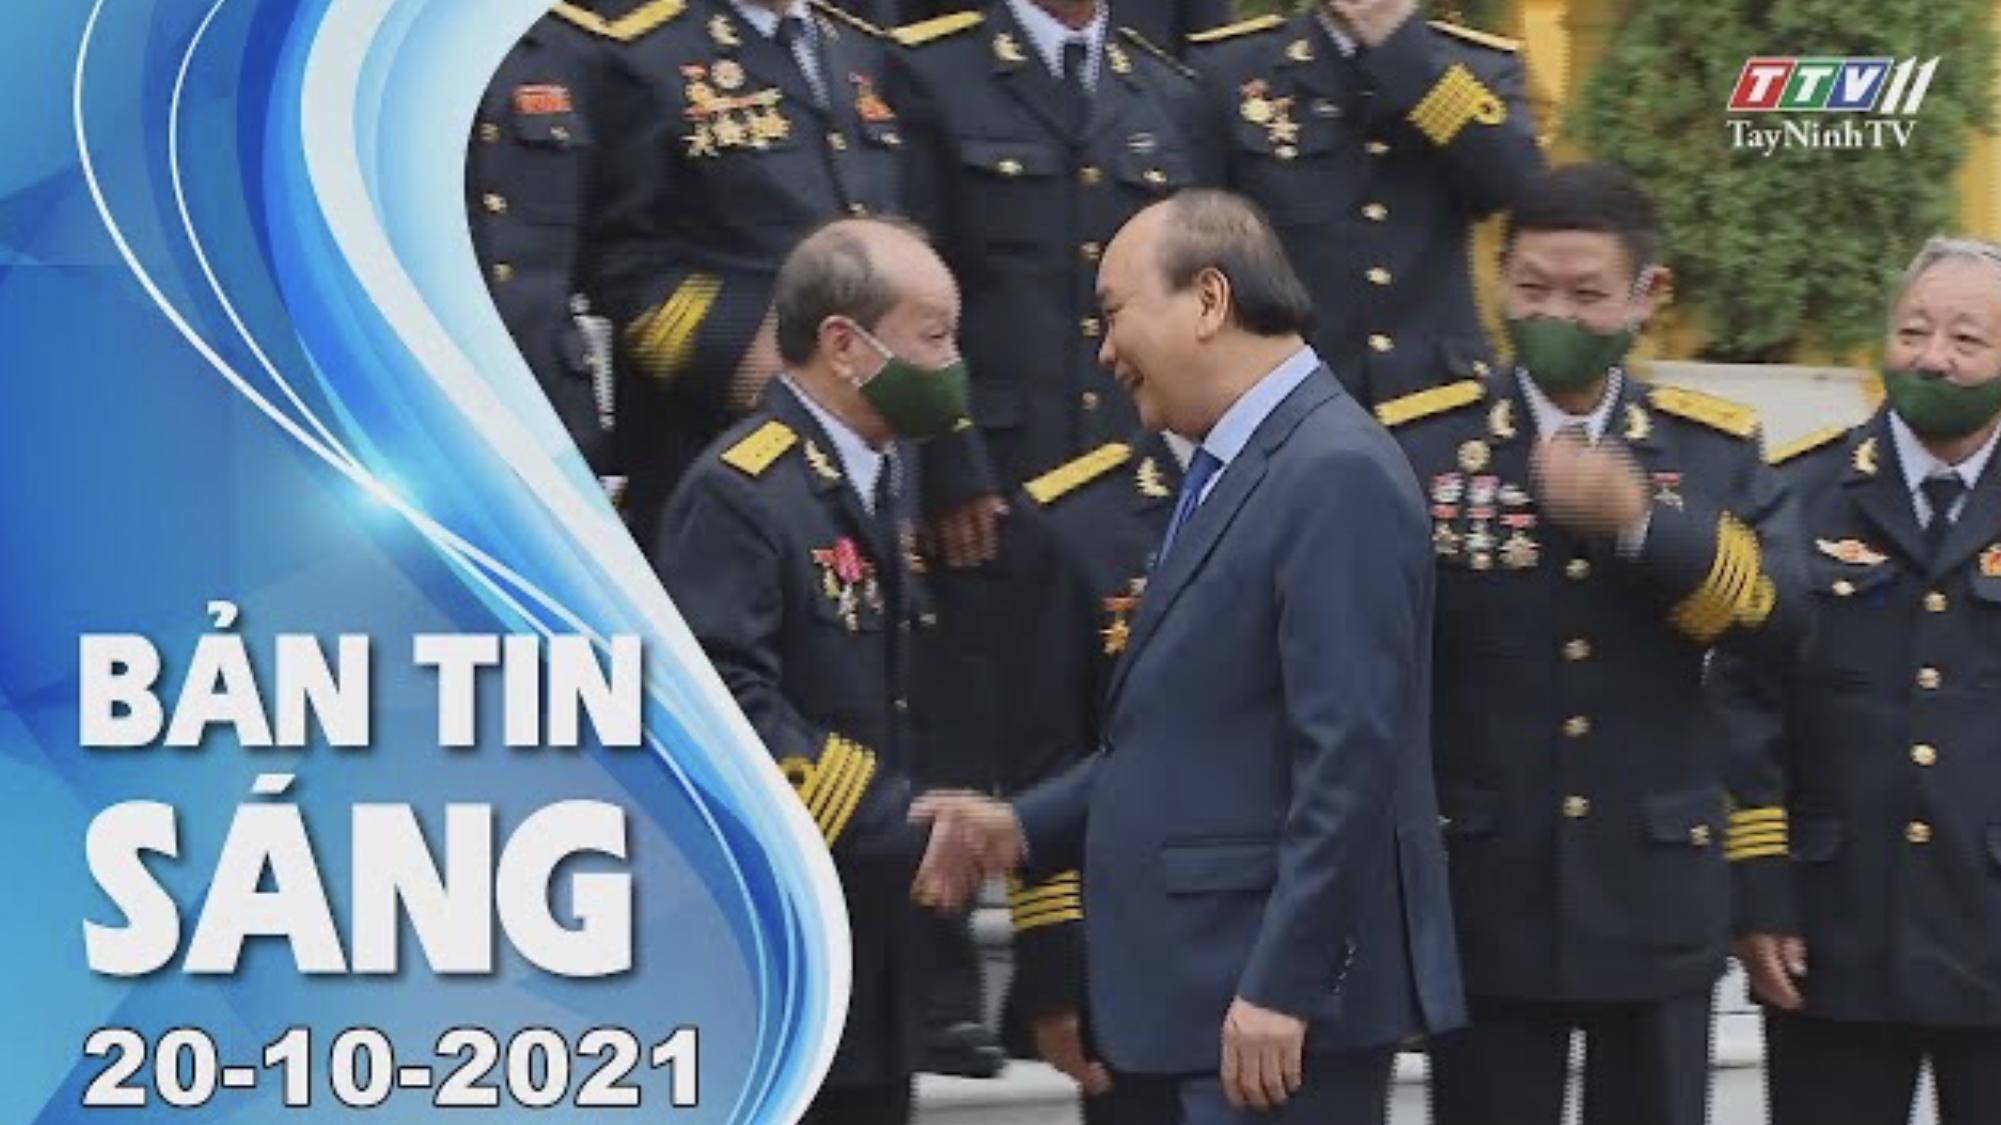 BẢN TIN SÁNG 20/10/2021 | Tin tức hôm nay | TayNinhTV